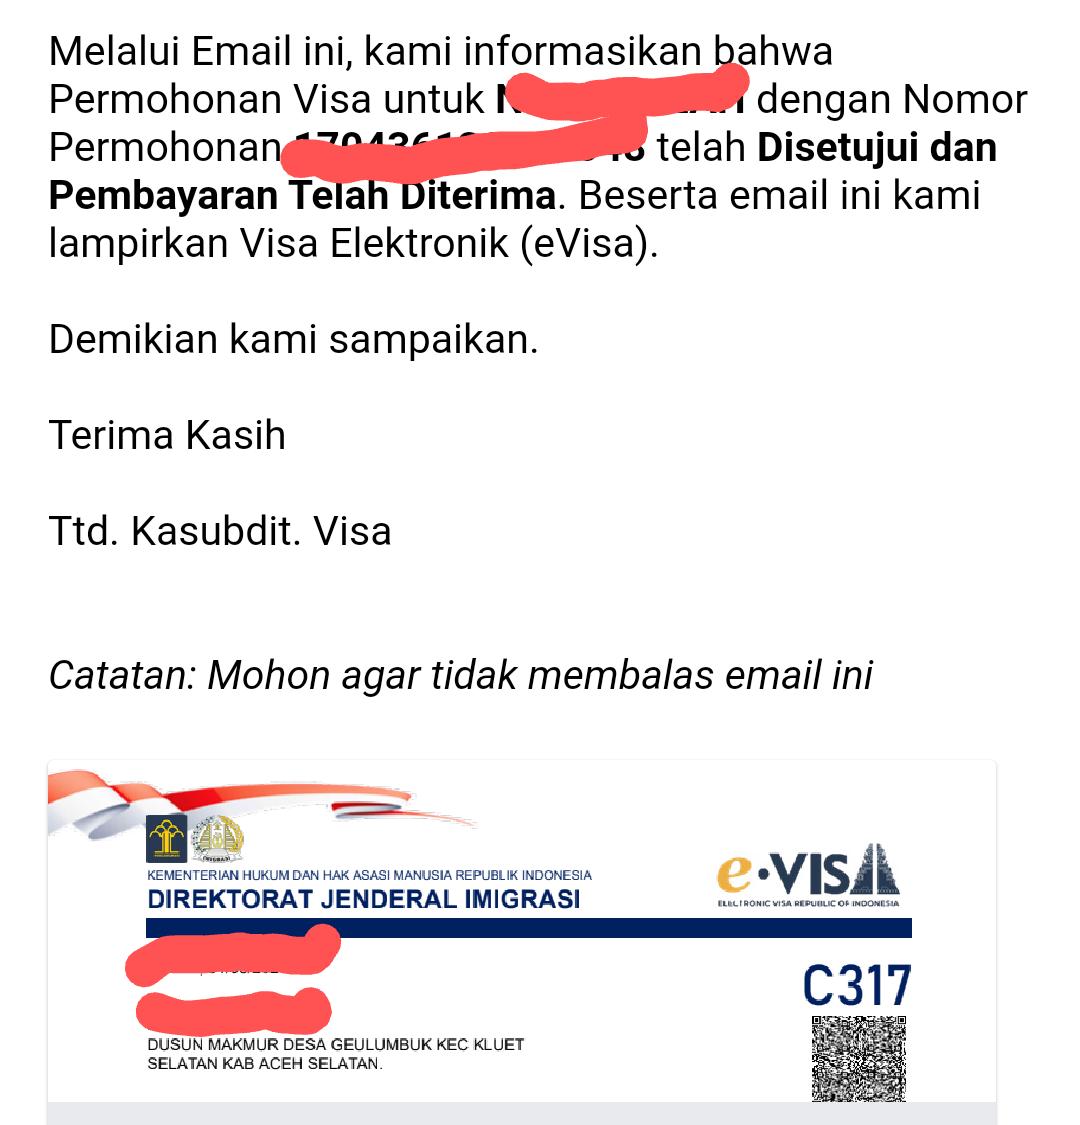 Pengalaman Mengajukan Visa C317 Penyatuan Keluarga